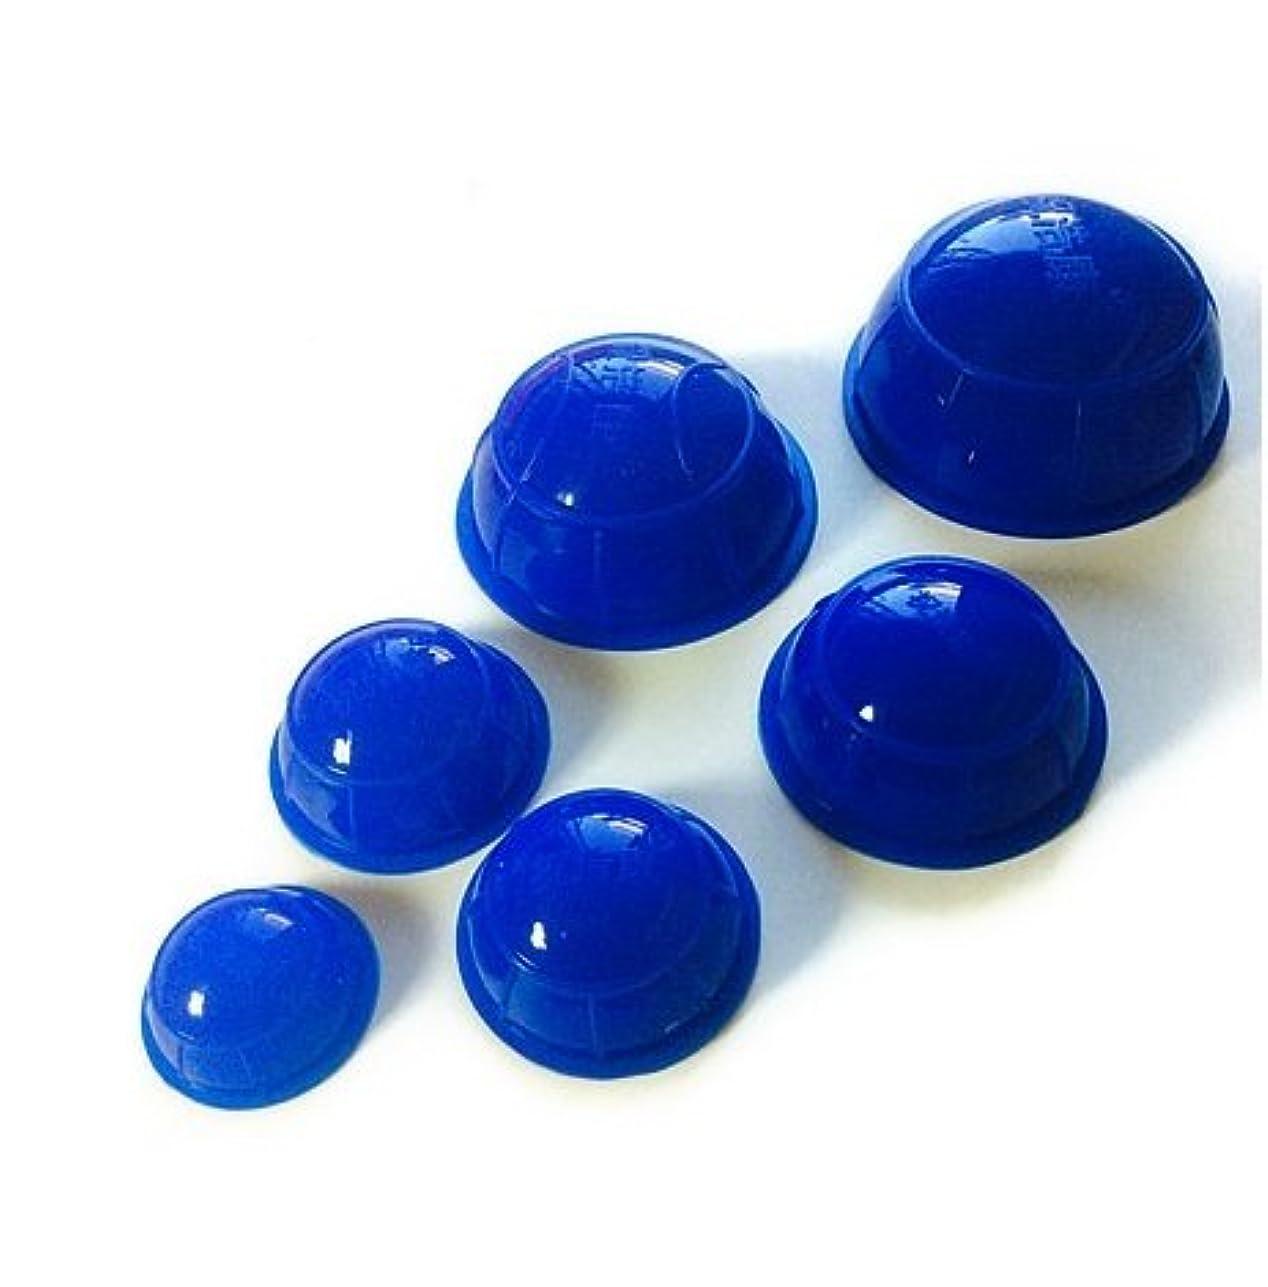 命令的極端な雑多な簡易 吸い玉6個セット ブルー 大中小5種類の大きさ